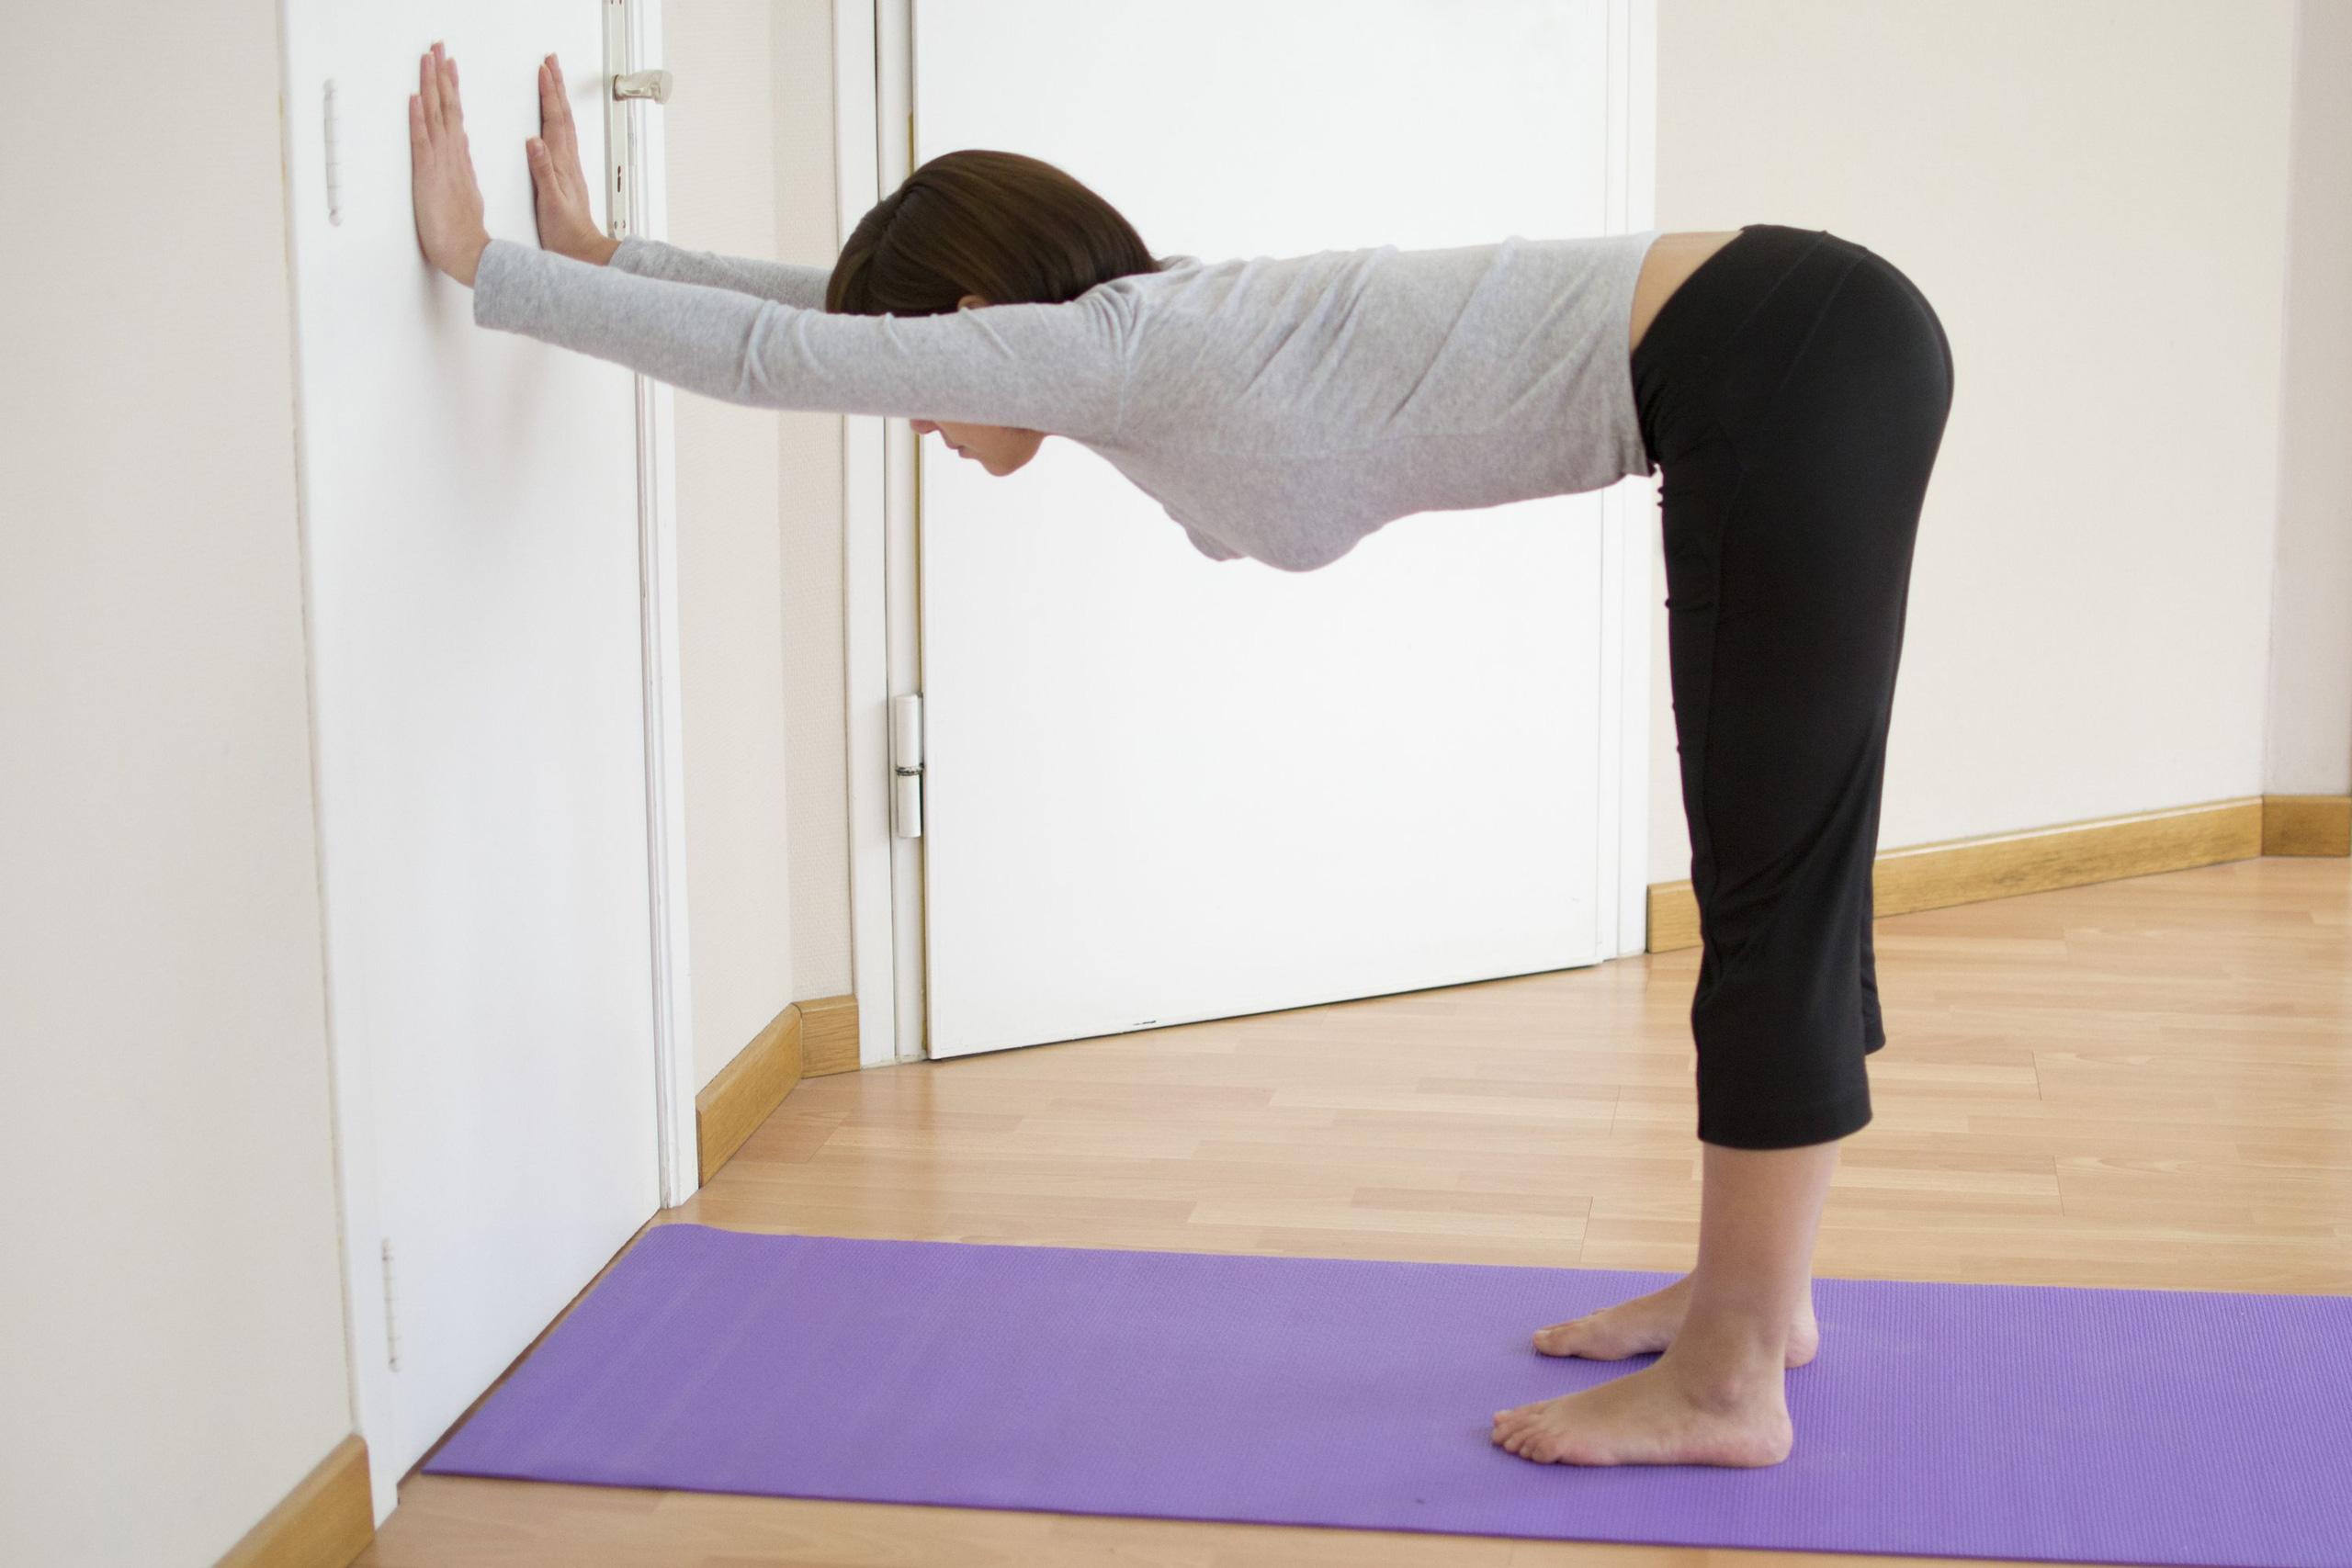 Mỗi tối đứng dựa vào tường 5 phút là giảm cân nhanh chóng, chân và đùi săn chắc rõ rệt - Ảnh 7.